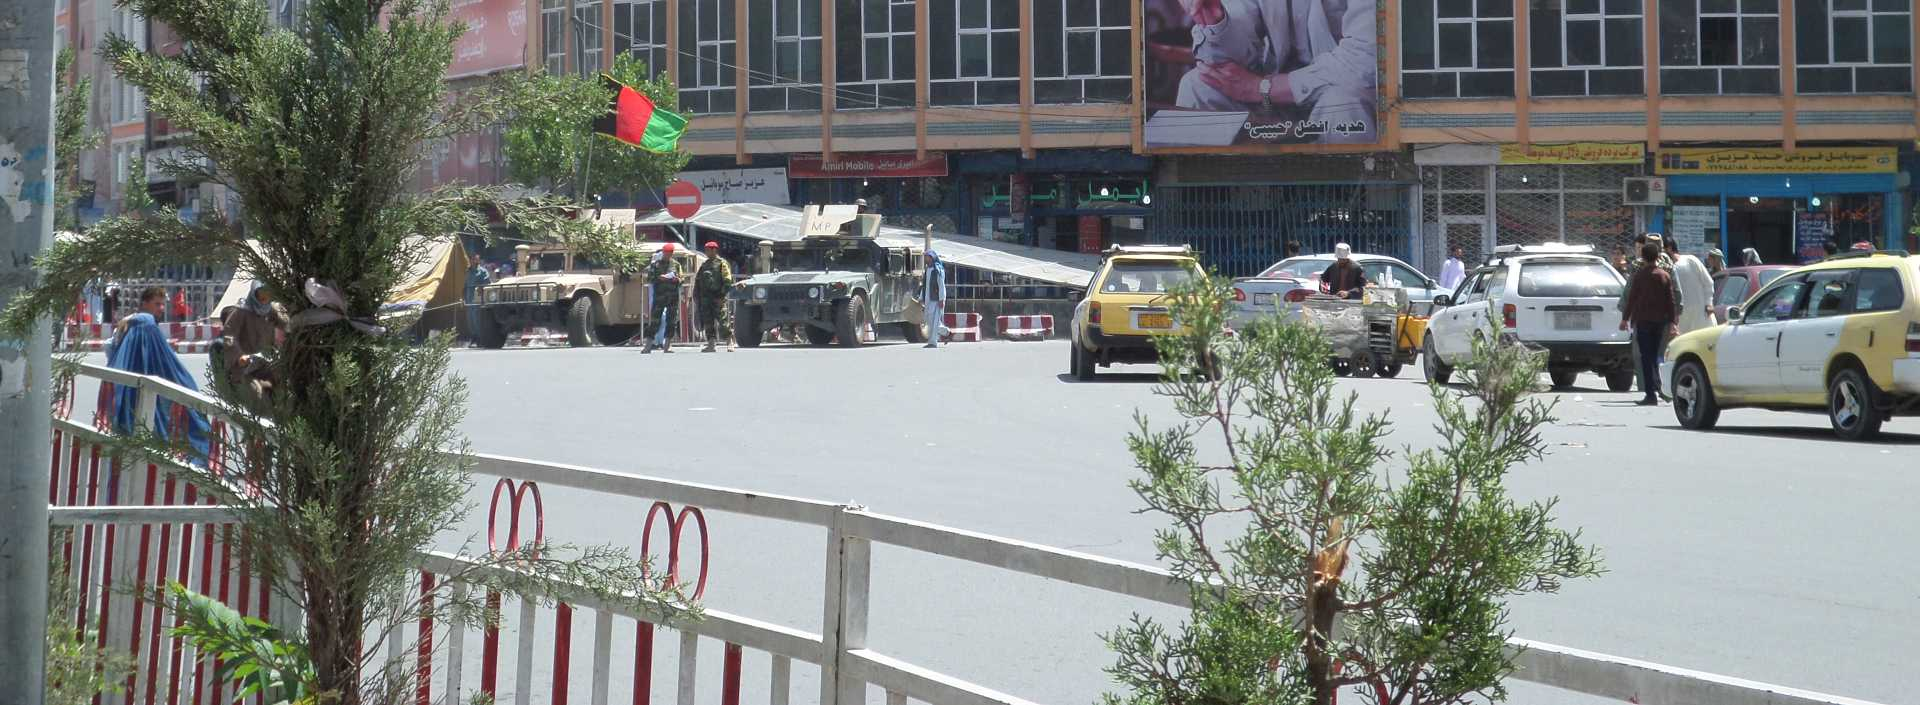 Afbeelding: Afghanistan, Plaza hotel in Kaboel bewaakt door gewapende militairen met hummers.